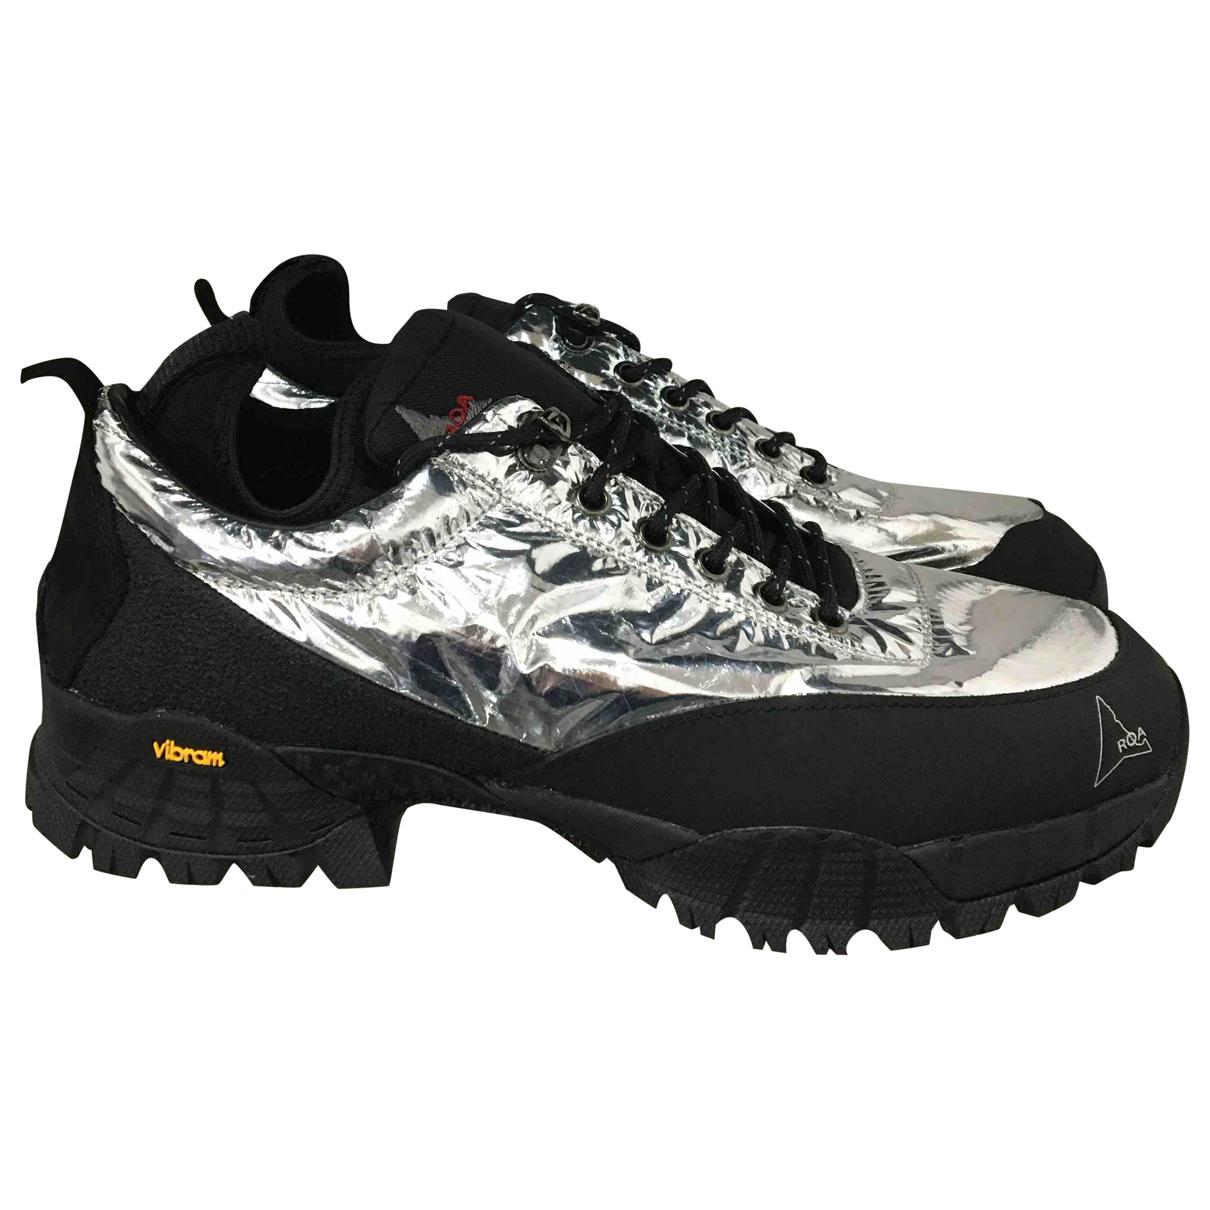 Roa \N Sneakers in Polyester